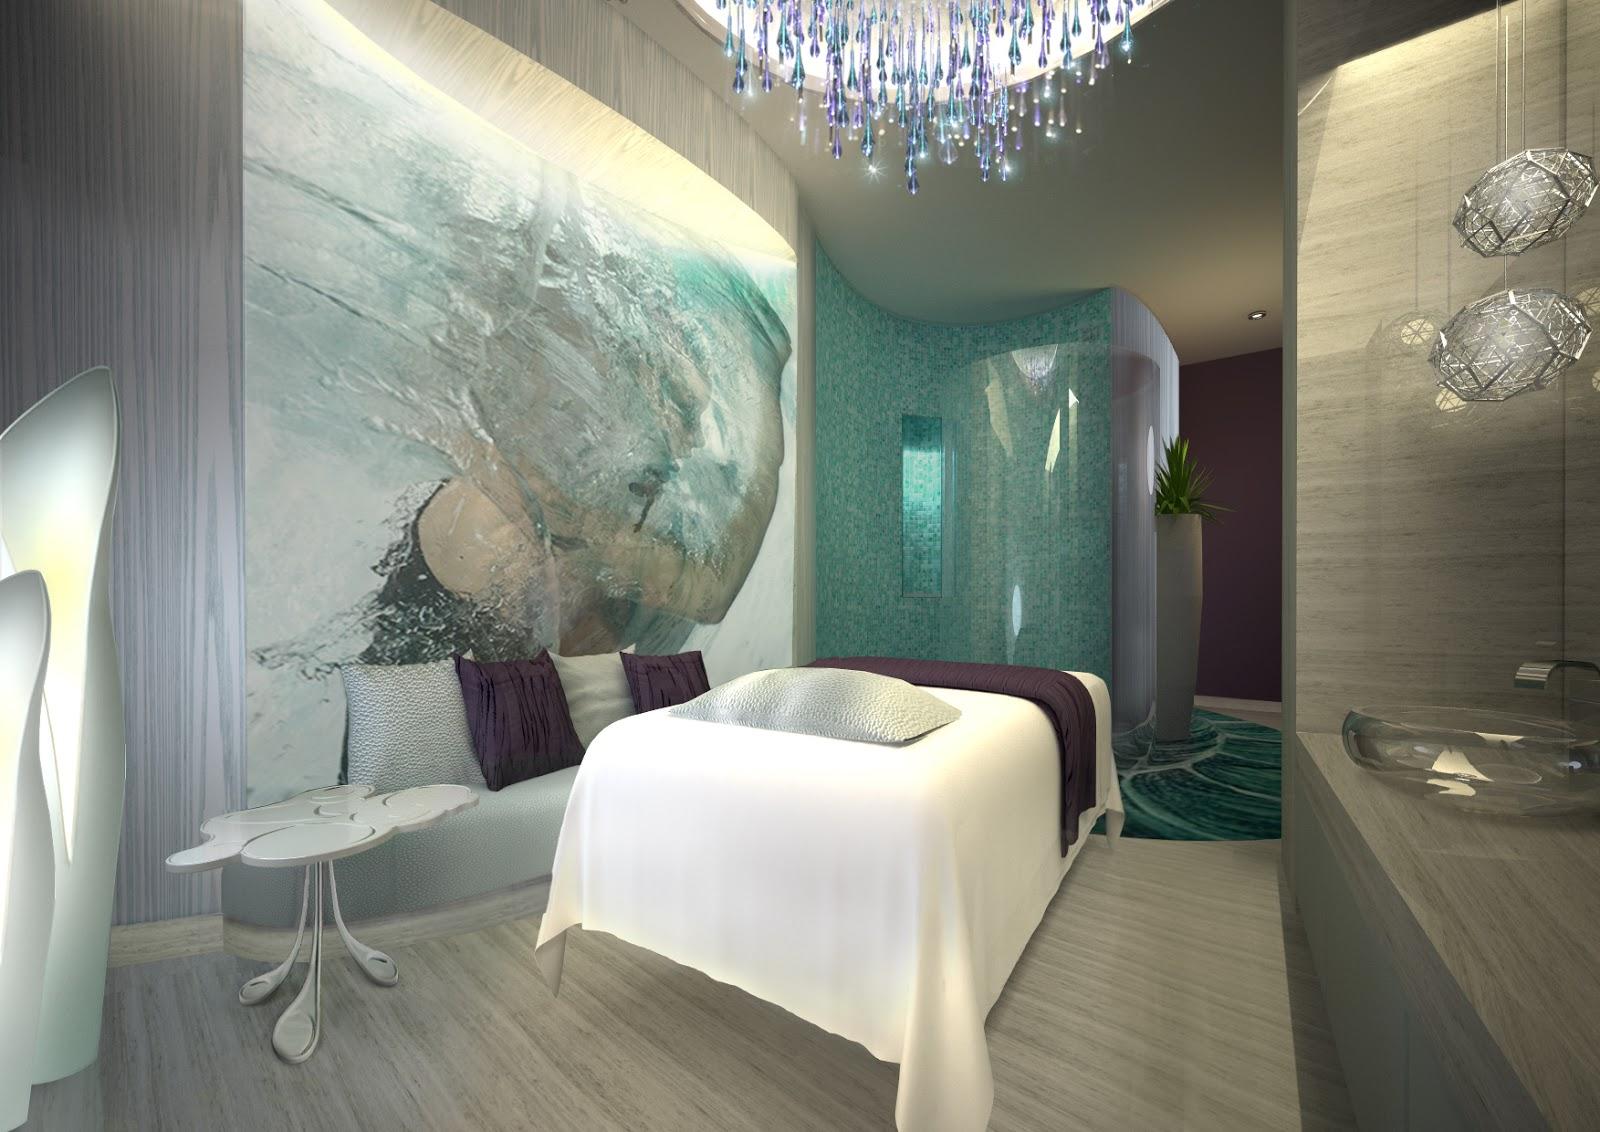 Paramount hotels resorts el nacimiento de un nuevo for Hotel luxury definicion